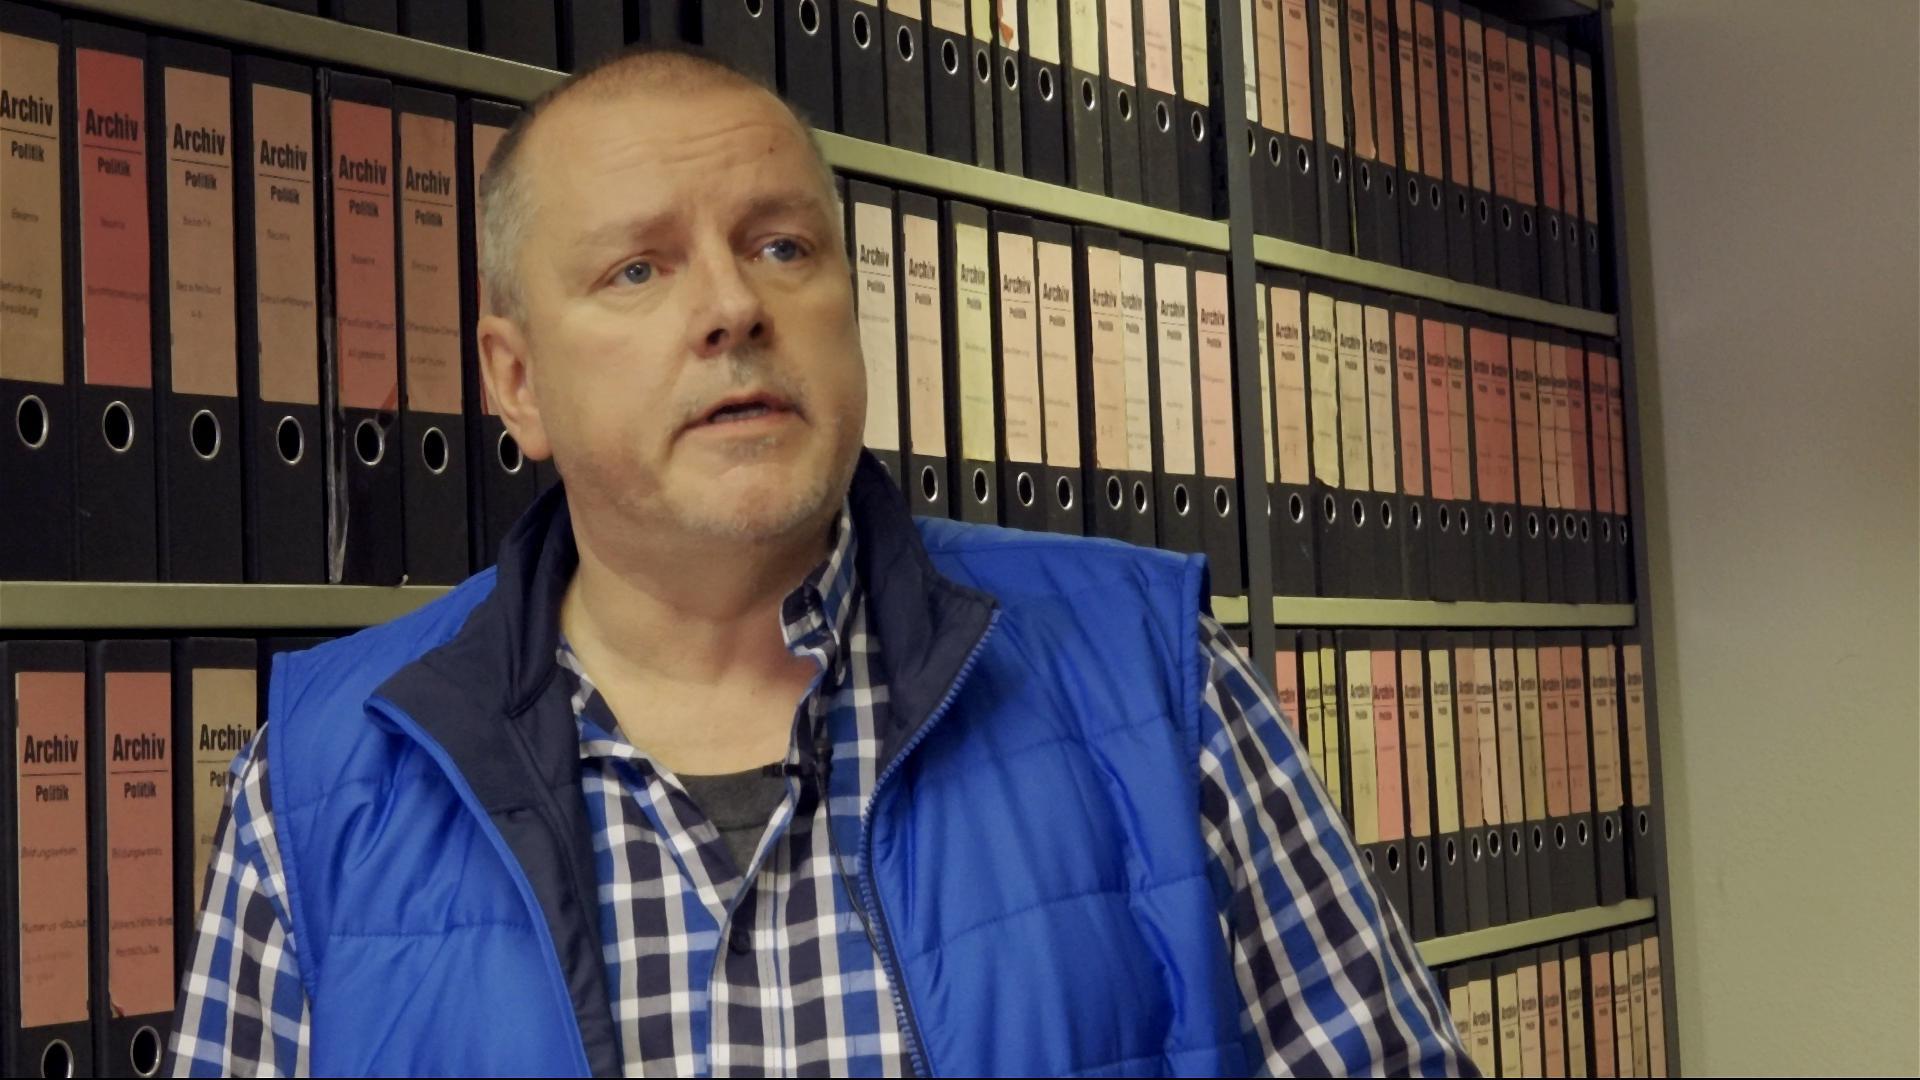 Alexander Wagner leitet das Archiv der Badischen Neuesten Nachrichten.